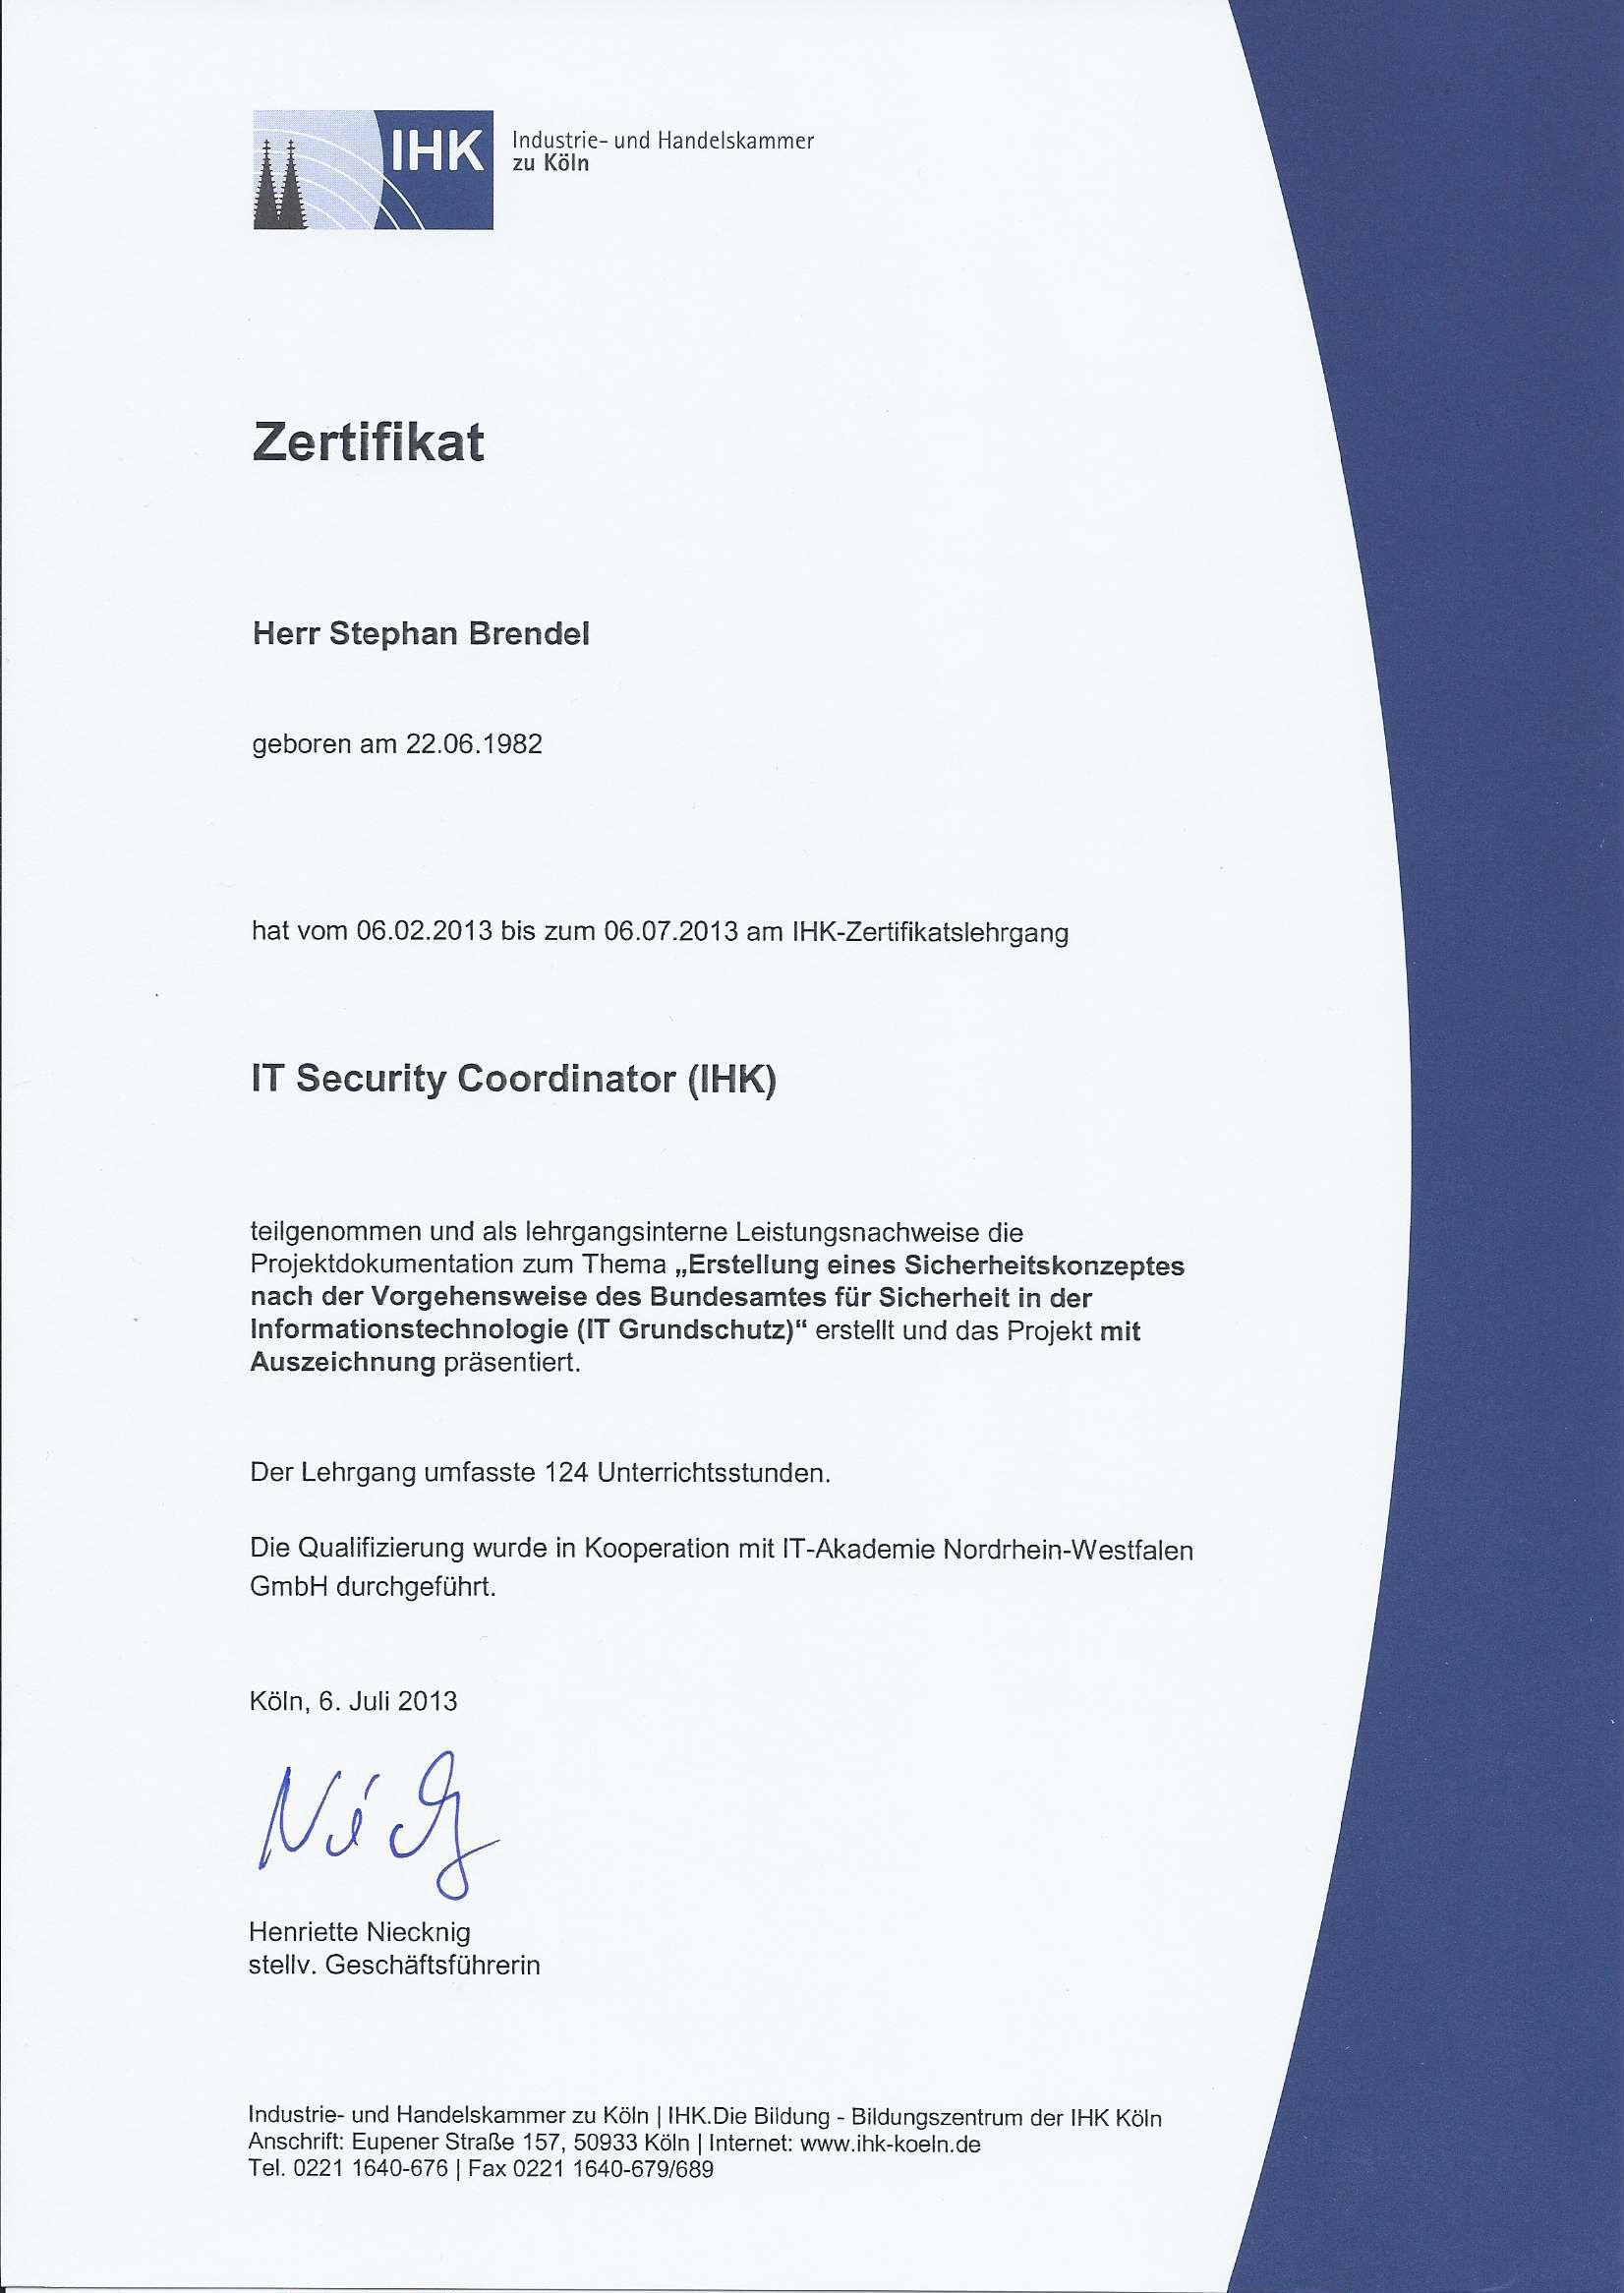 IT Security Coordinator (IHK)